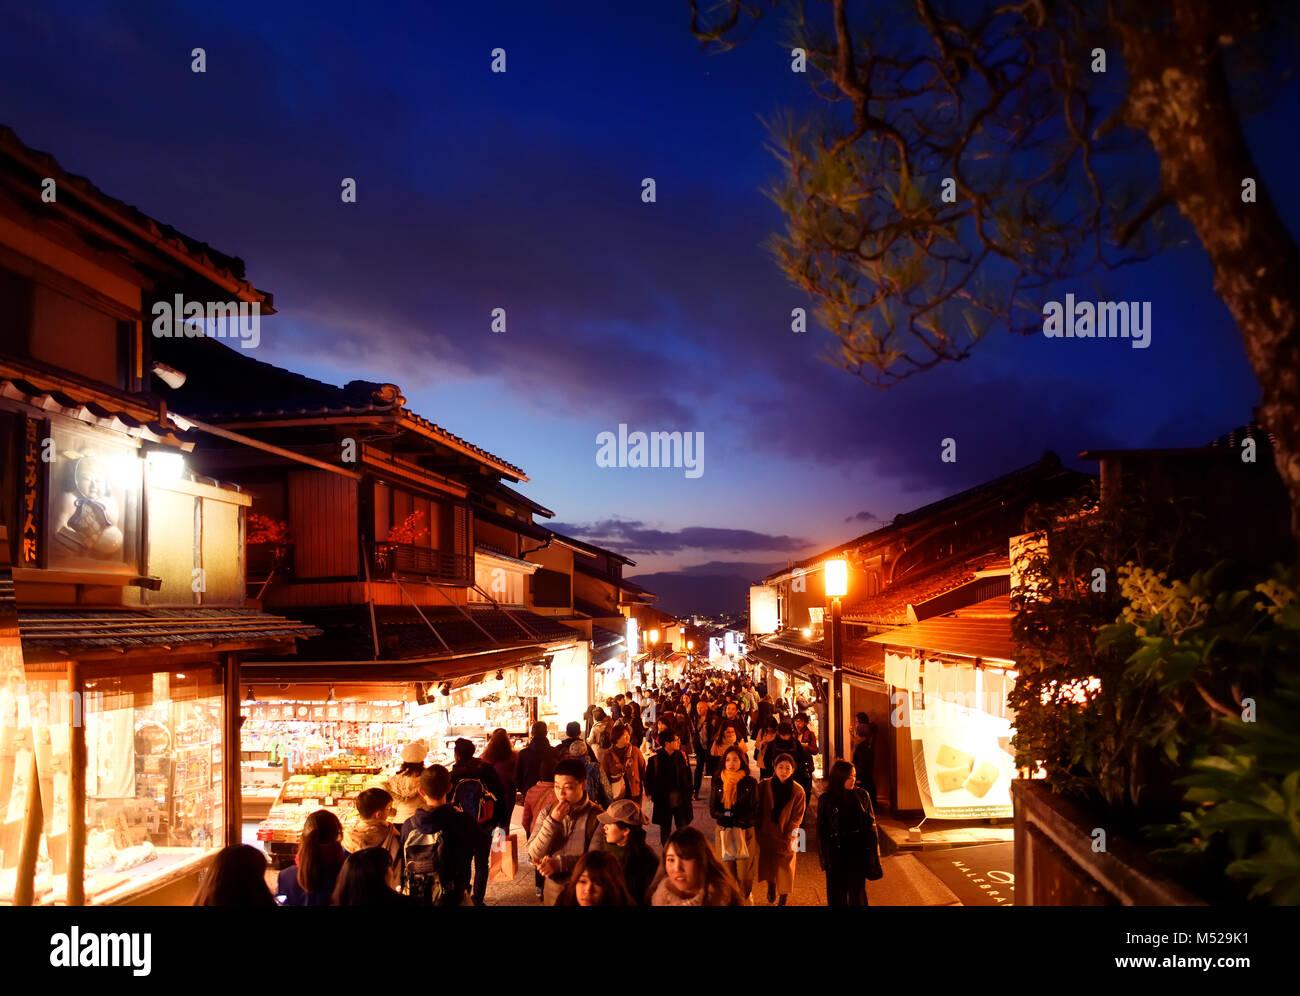 Matsubara dori street en Kyoto en la noche llena de gente y luces brillantes cerca del templo Kiyomizu-dera. Higashiyama, Imagen De Stock